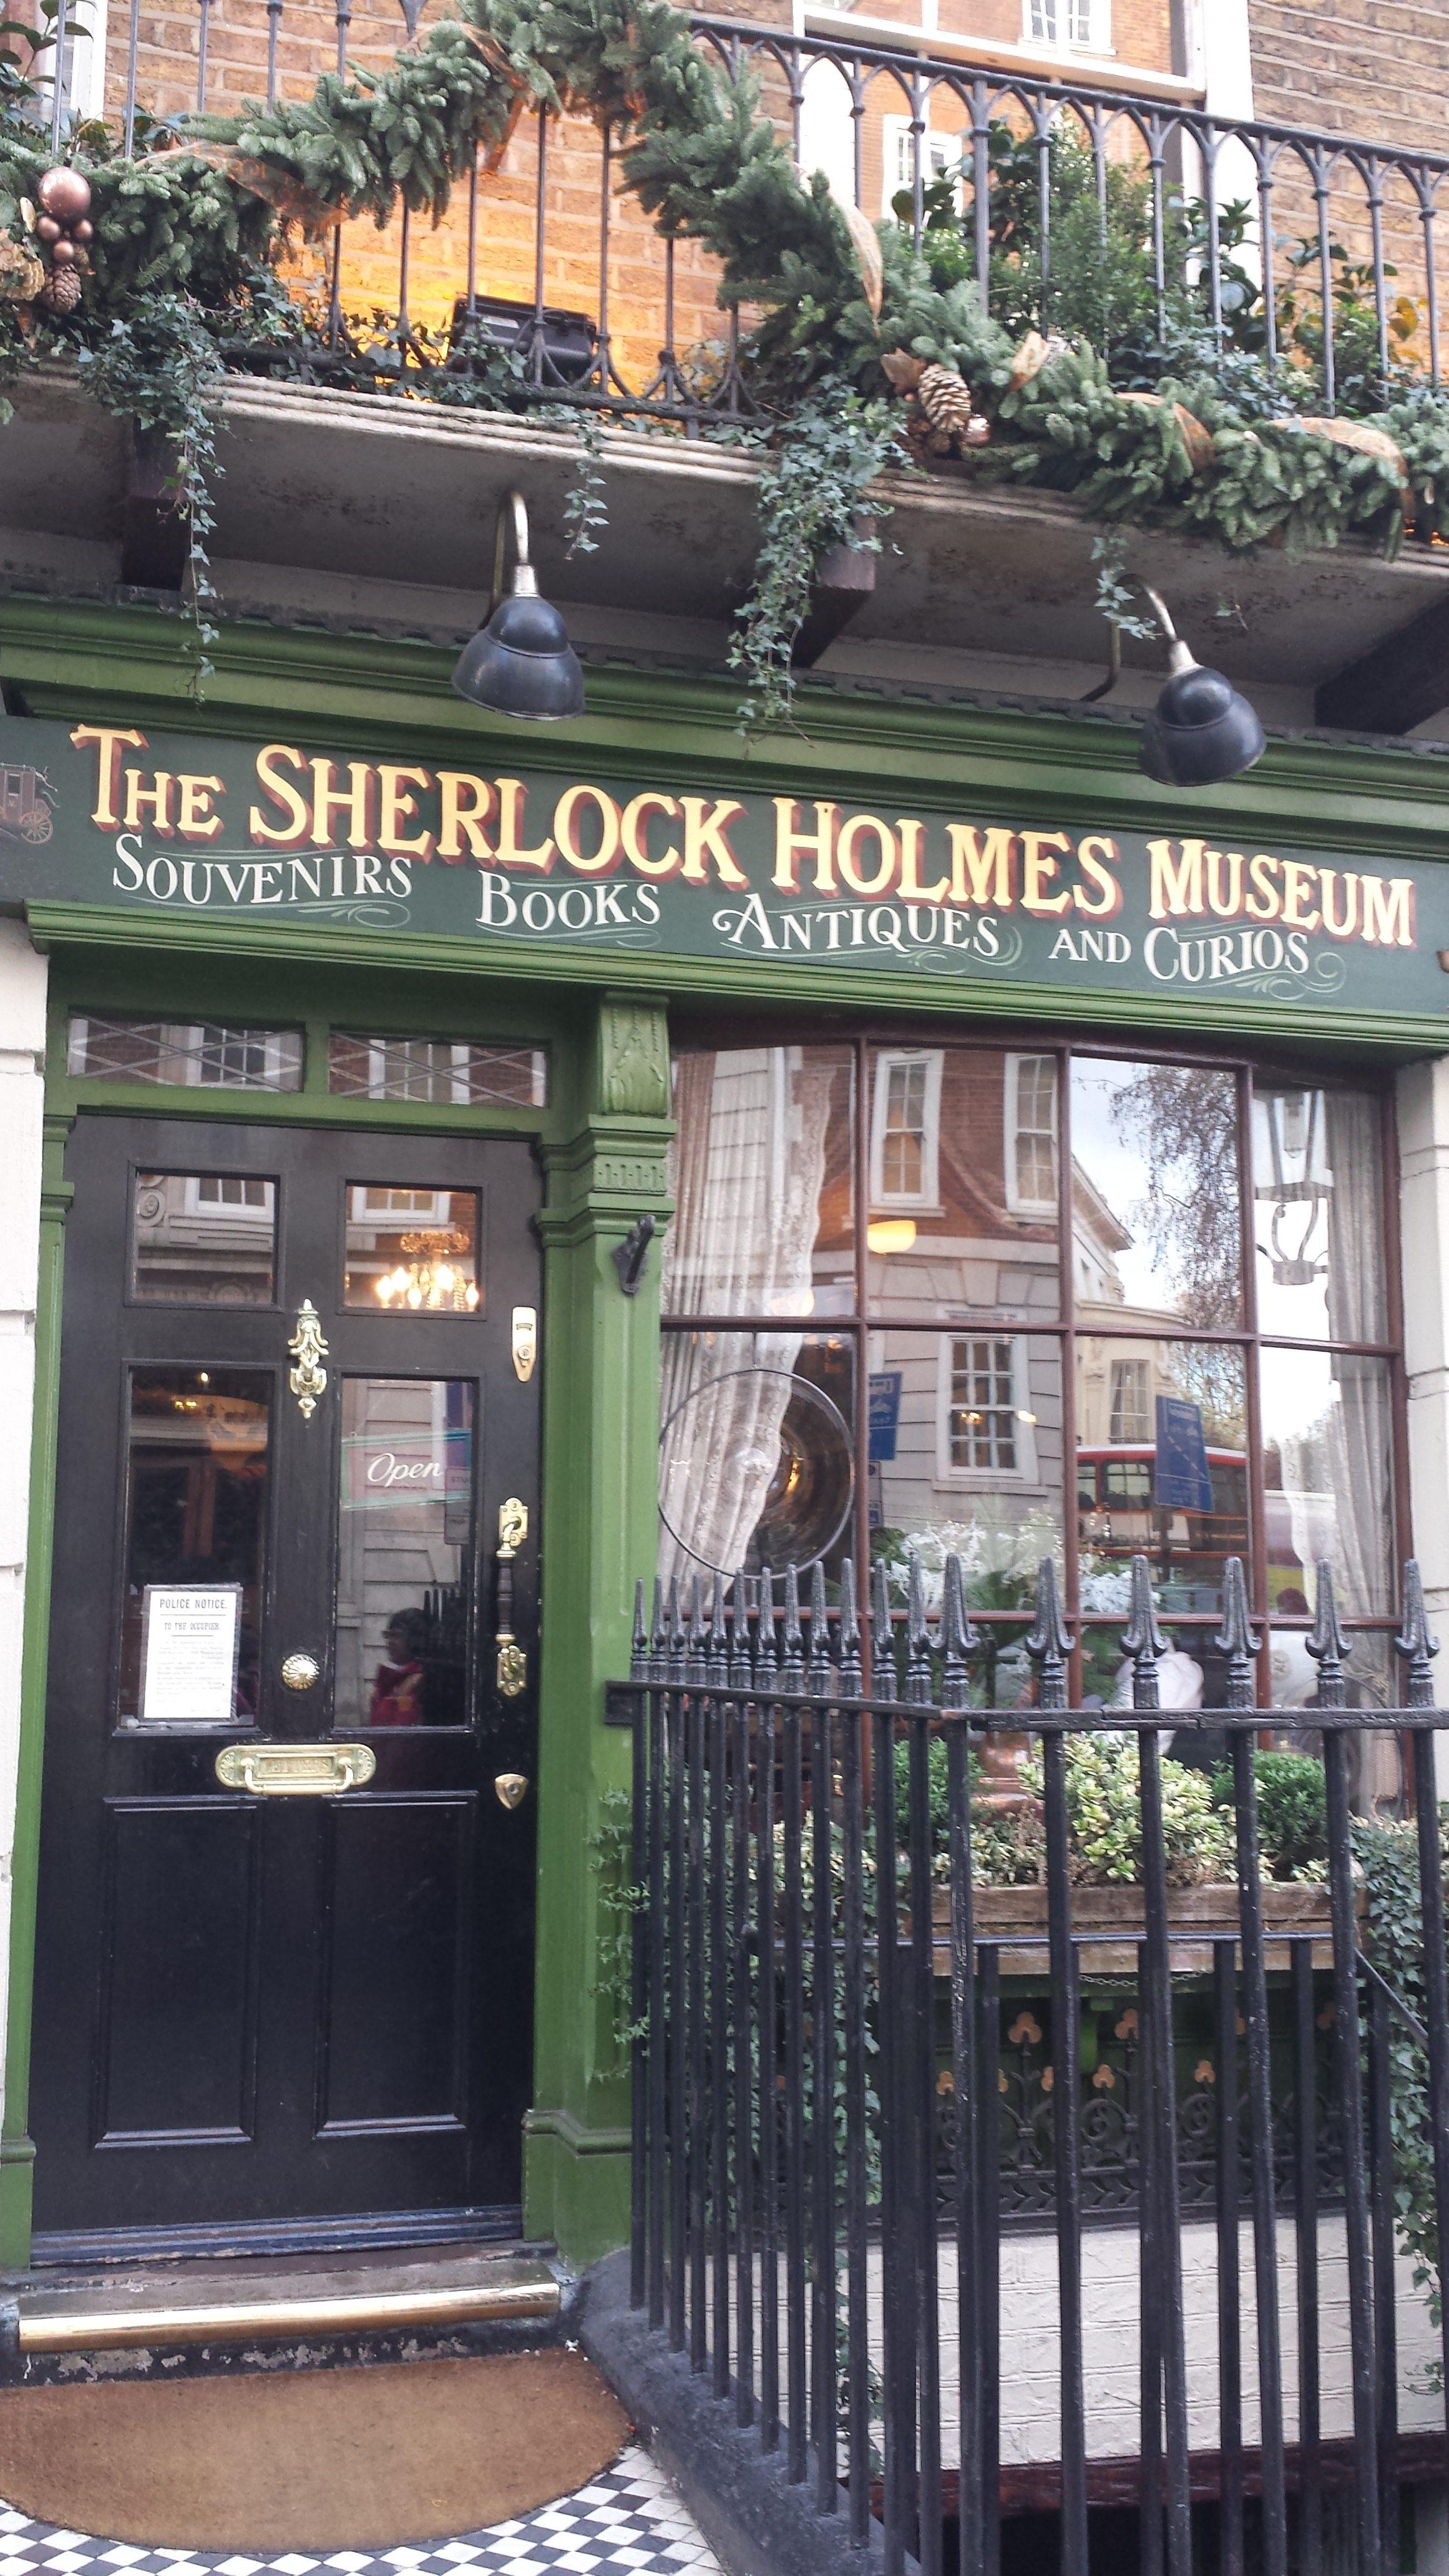 4 Tage in London - Baker Street, Sherlock Holmes Museum